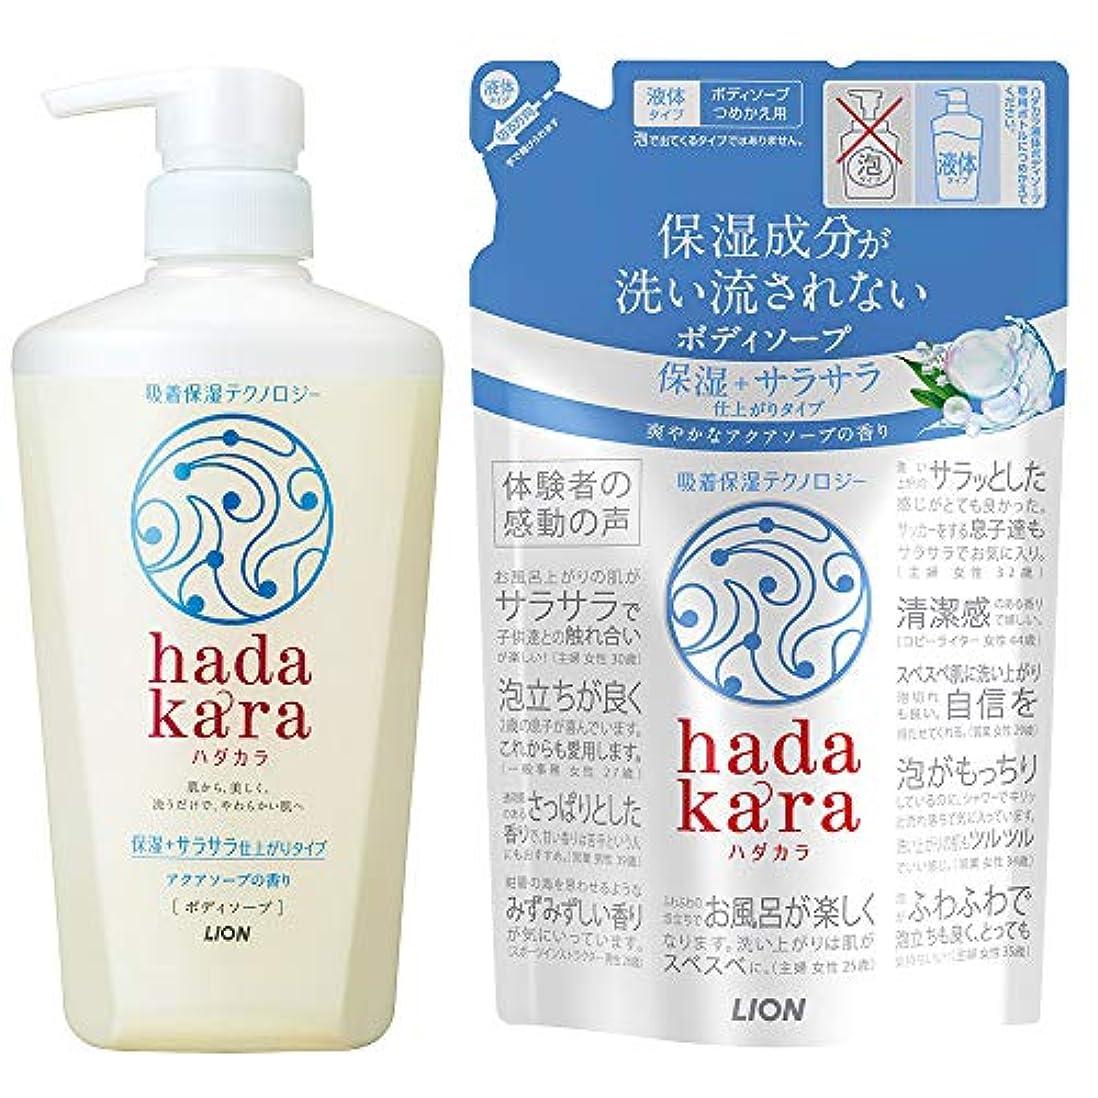 ボーカルロケーション塗抹hadakara(ハダカラ)ボディソープ 保湿+サラサラ仕上がりタイプ アクアソープの香り 本体 480ml + つめかえ 340ml